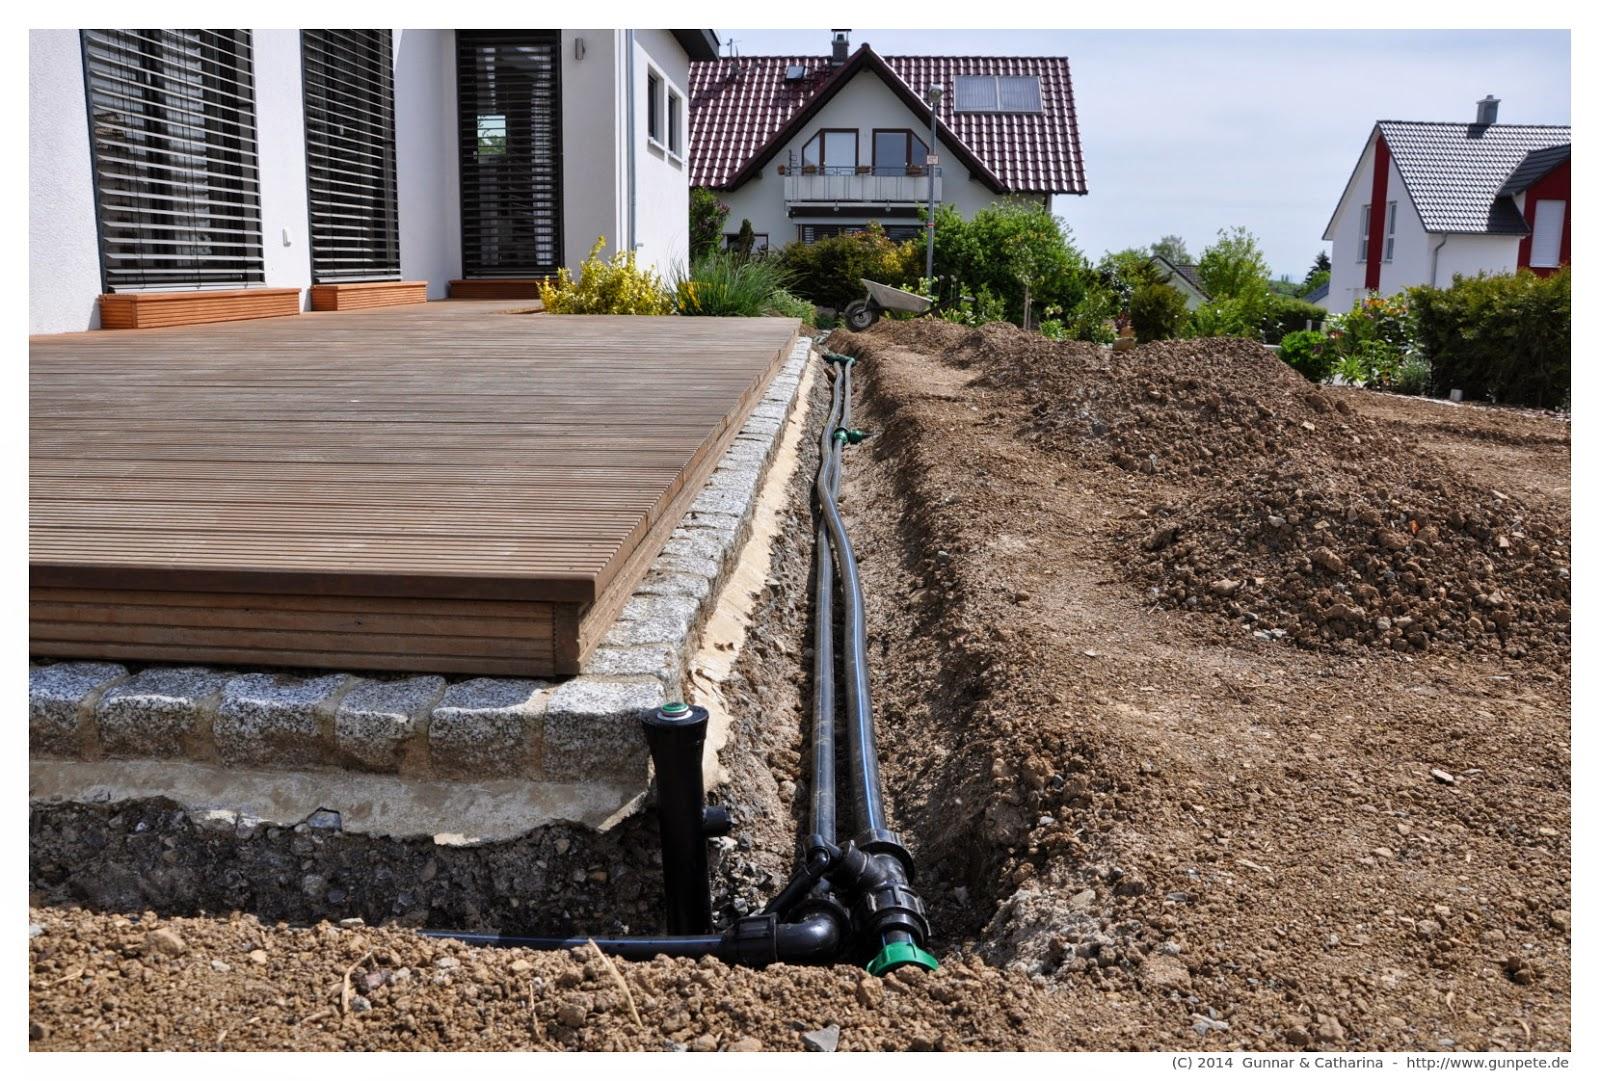 Gunnar catharina wir bauen unser fingerhaus for Boden verdichten